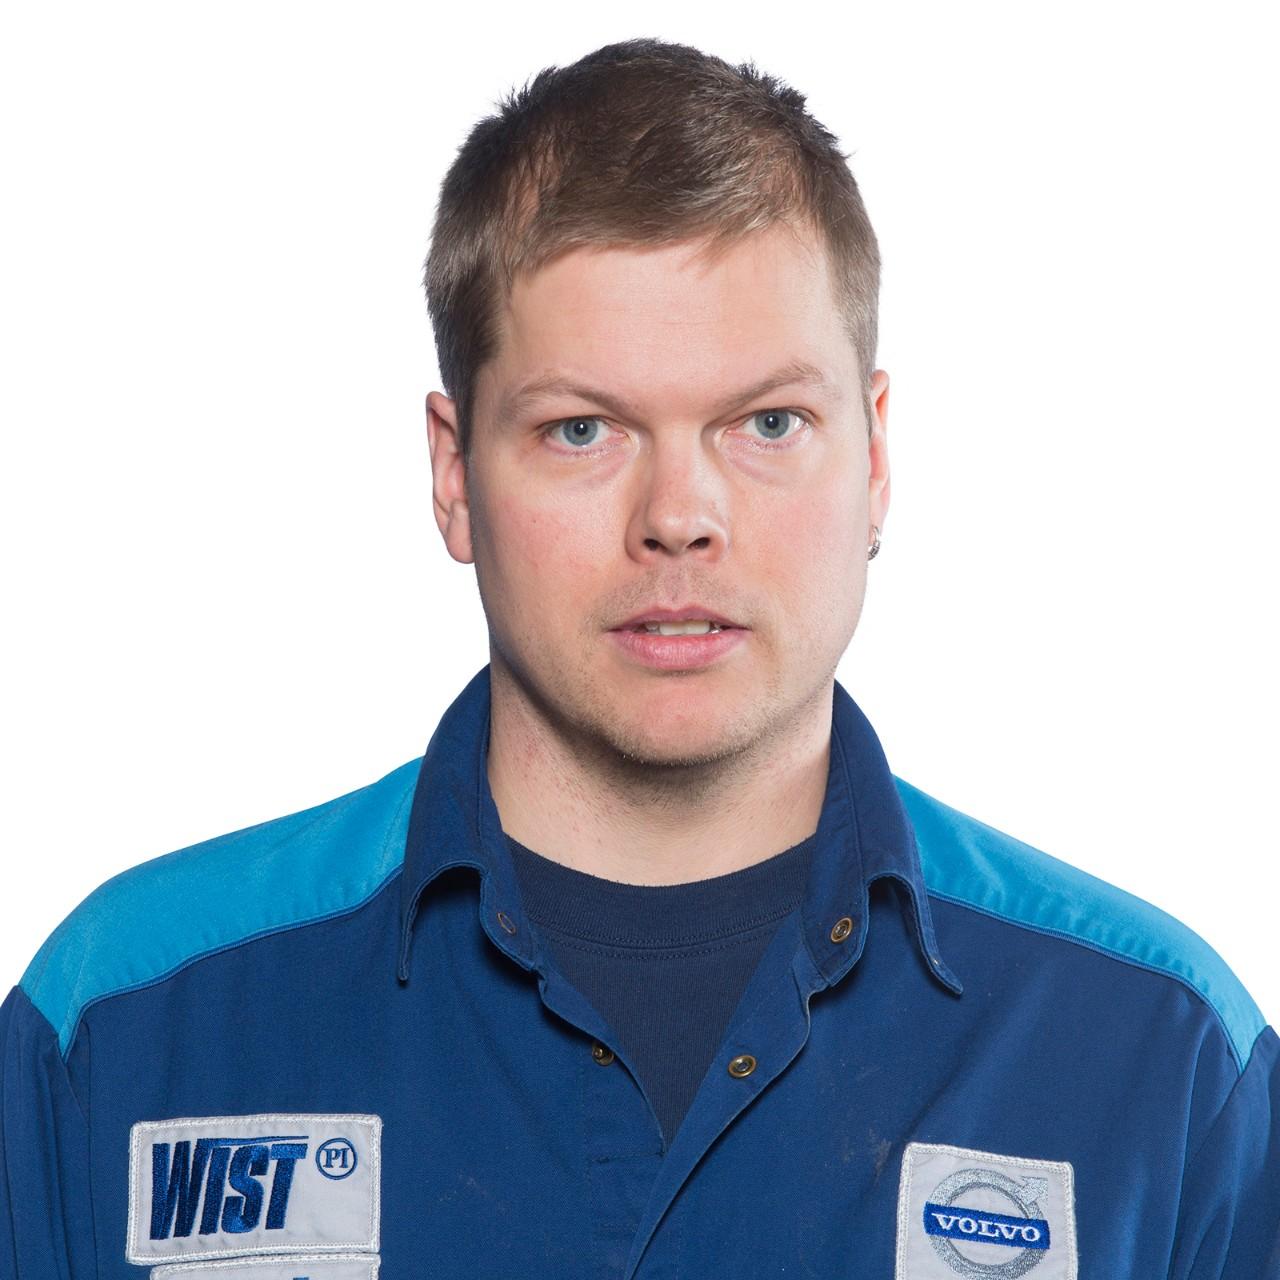 Jens Eklund